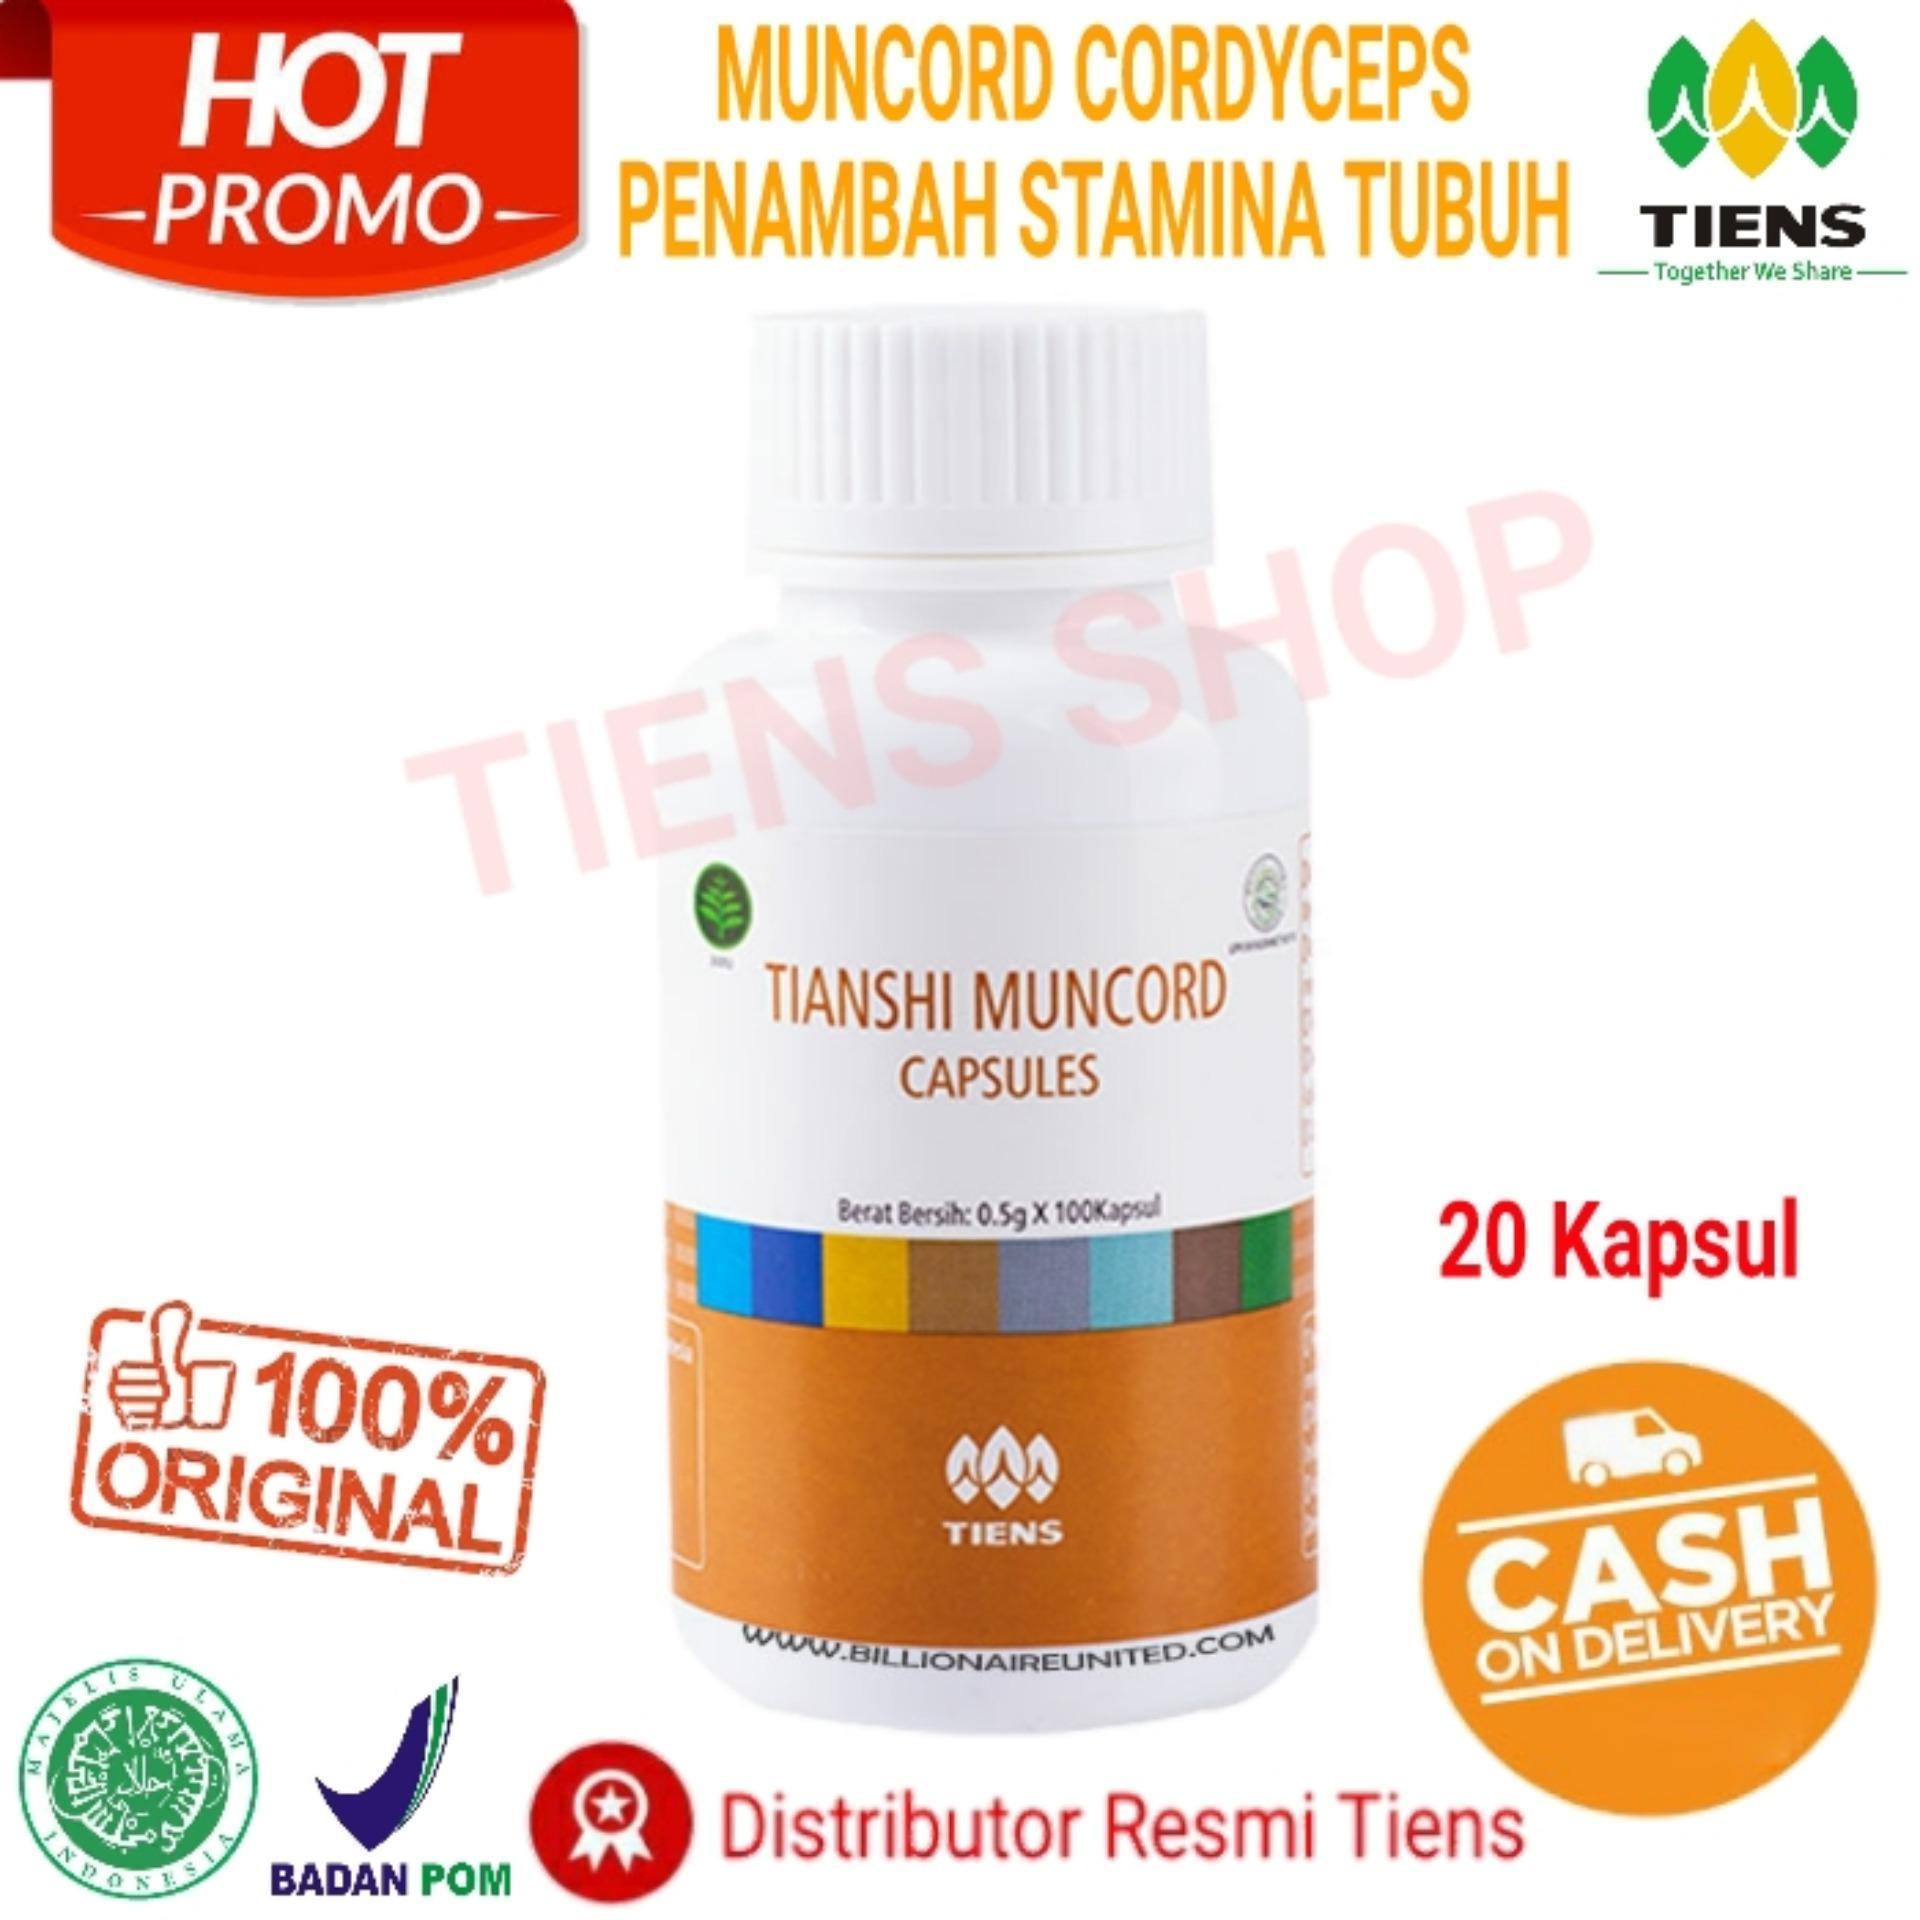 Zinc Capsules Original Tianshi 1 Botol Isi 30 Kapsul Promo Daftar Tiens Shop Penambah Stamina Muncord Cordyceps Capsule